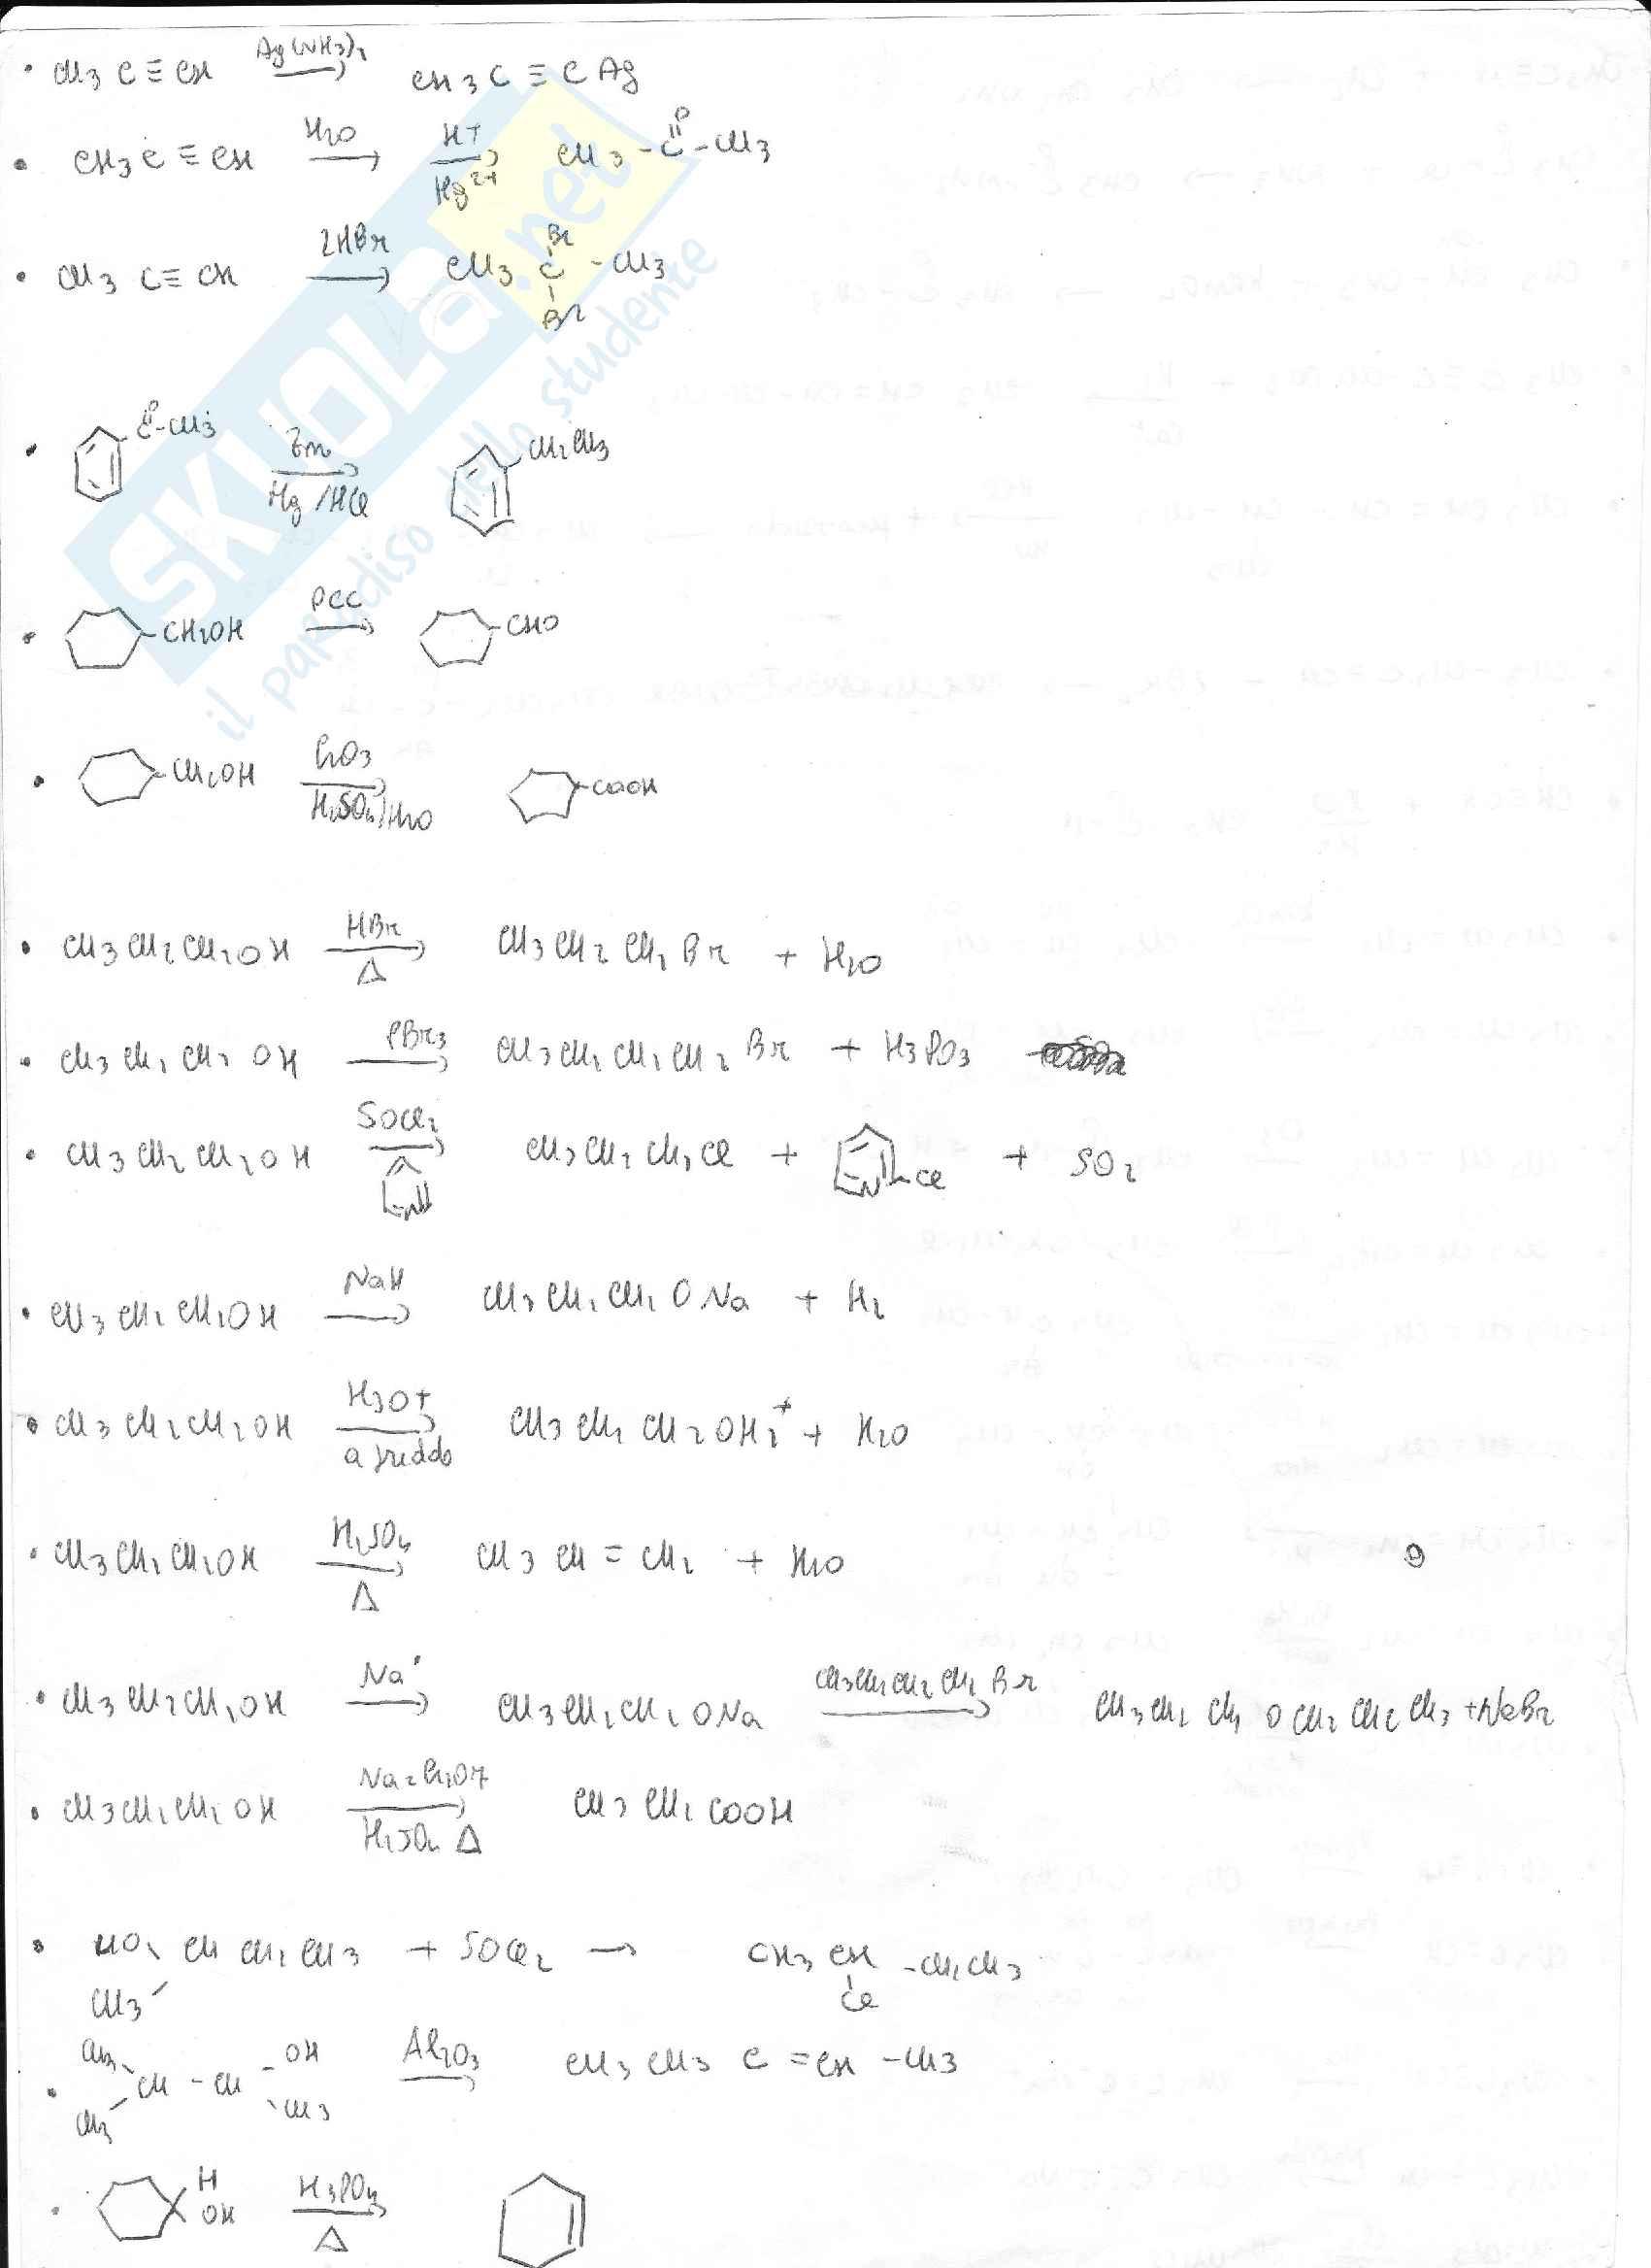 Esercizi svolti di chimica organica e nomenclatura